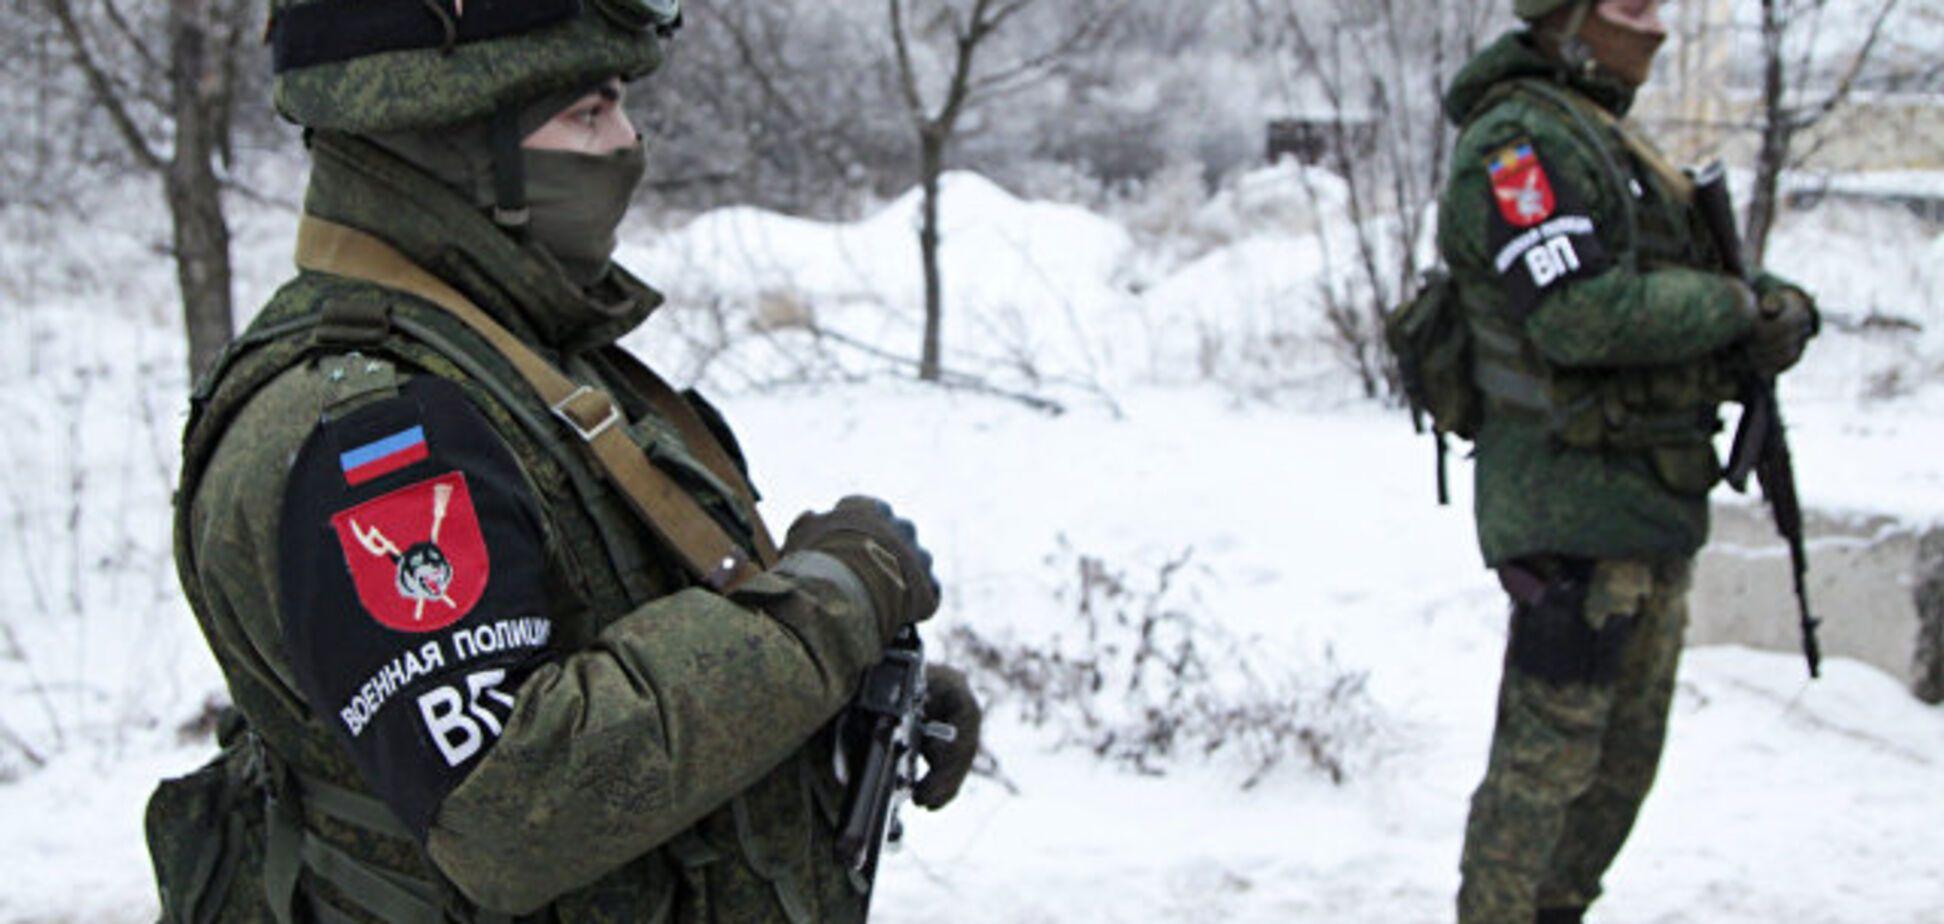 'Витягнуть з-під землі': в 'ДНР' з'явилися 'лякаючи' агітплакати